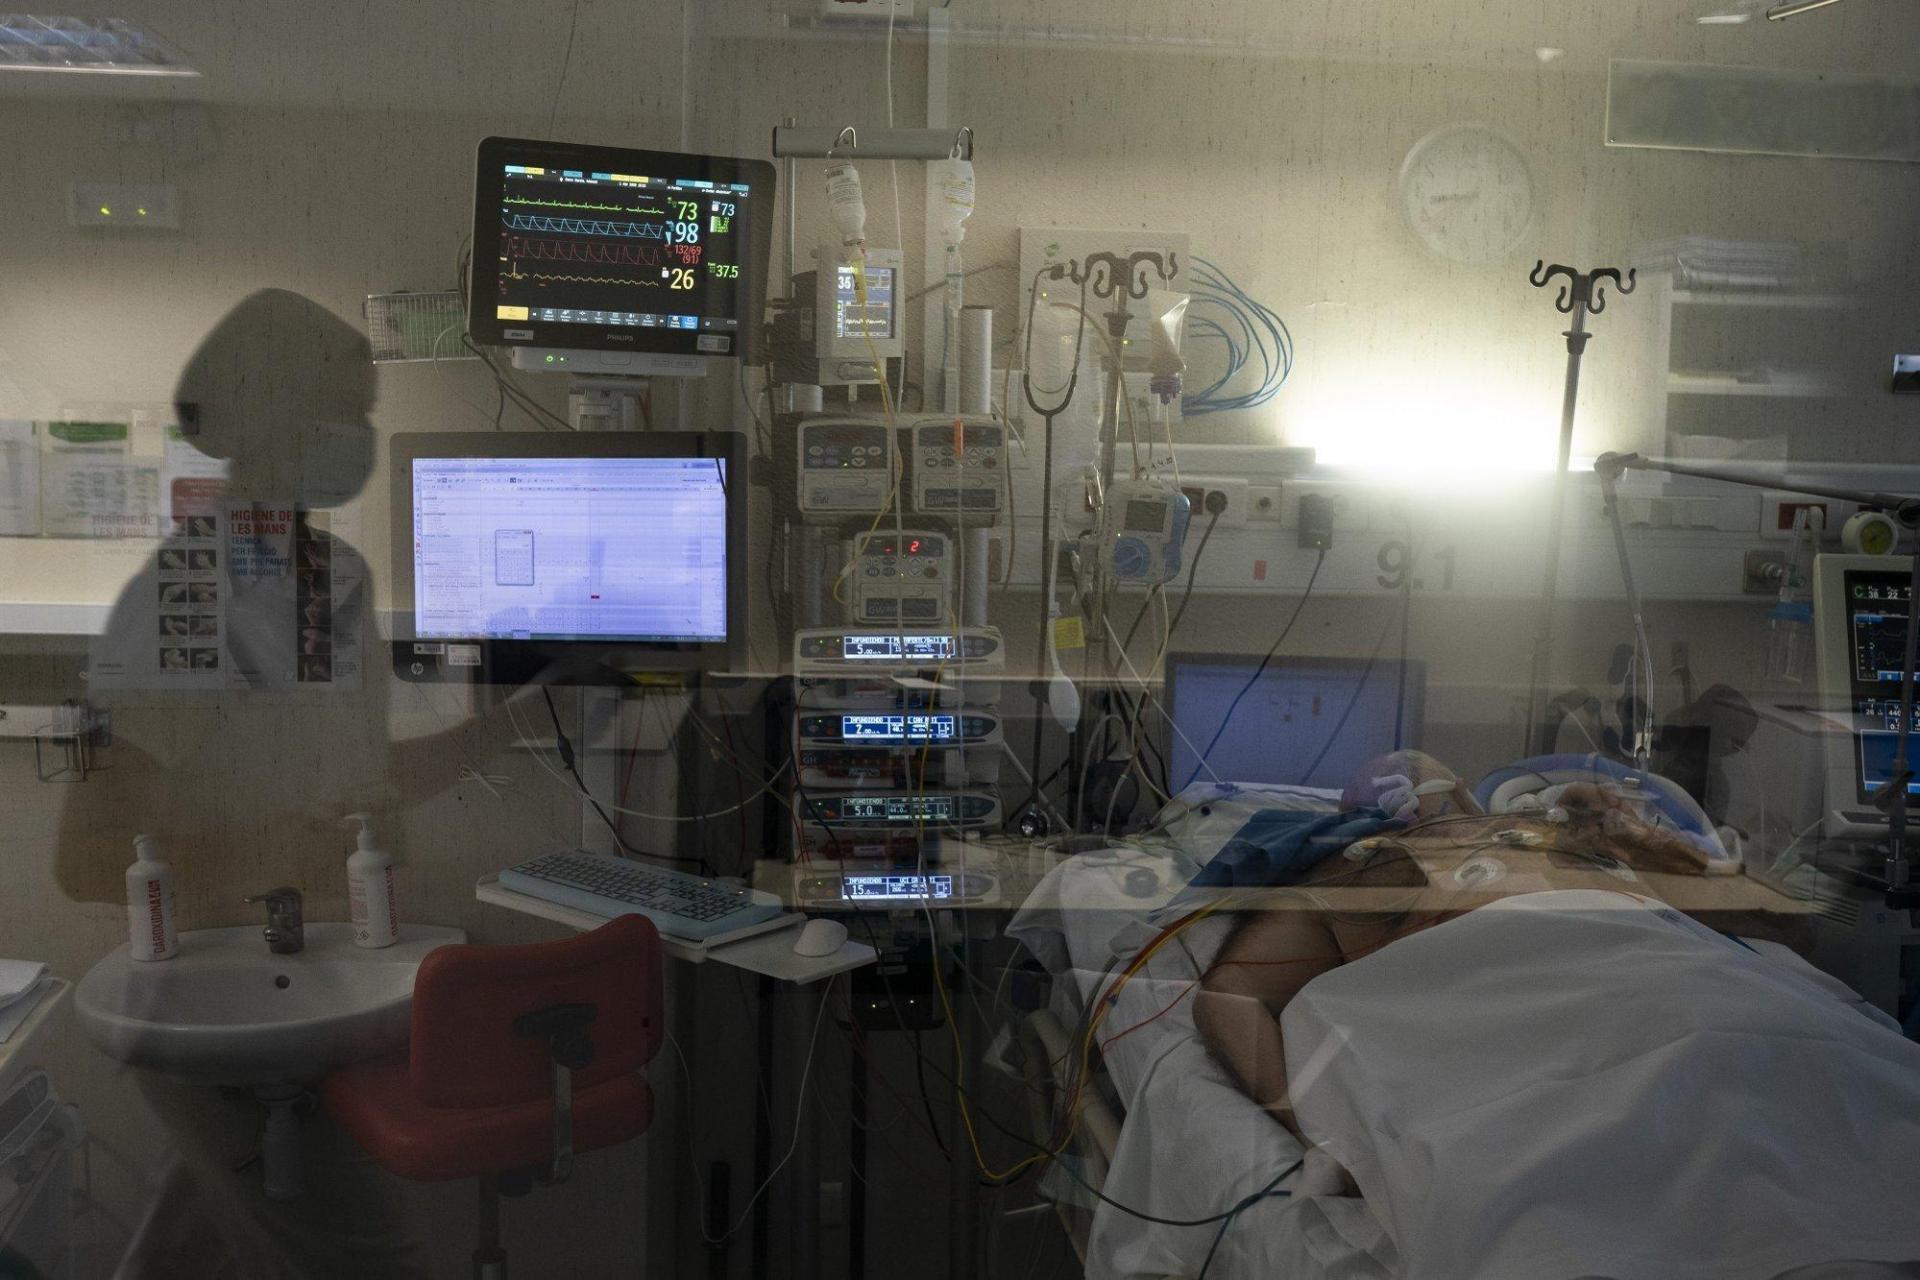 Bệnh nhân khác đang được điều trị trong phòng áp lực âm.